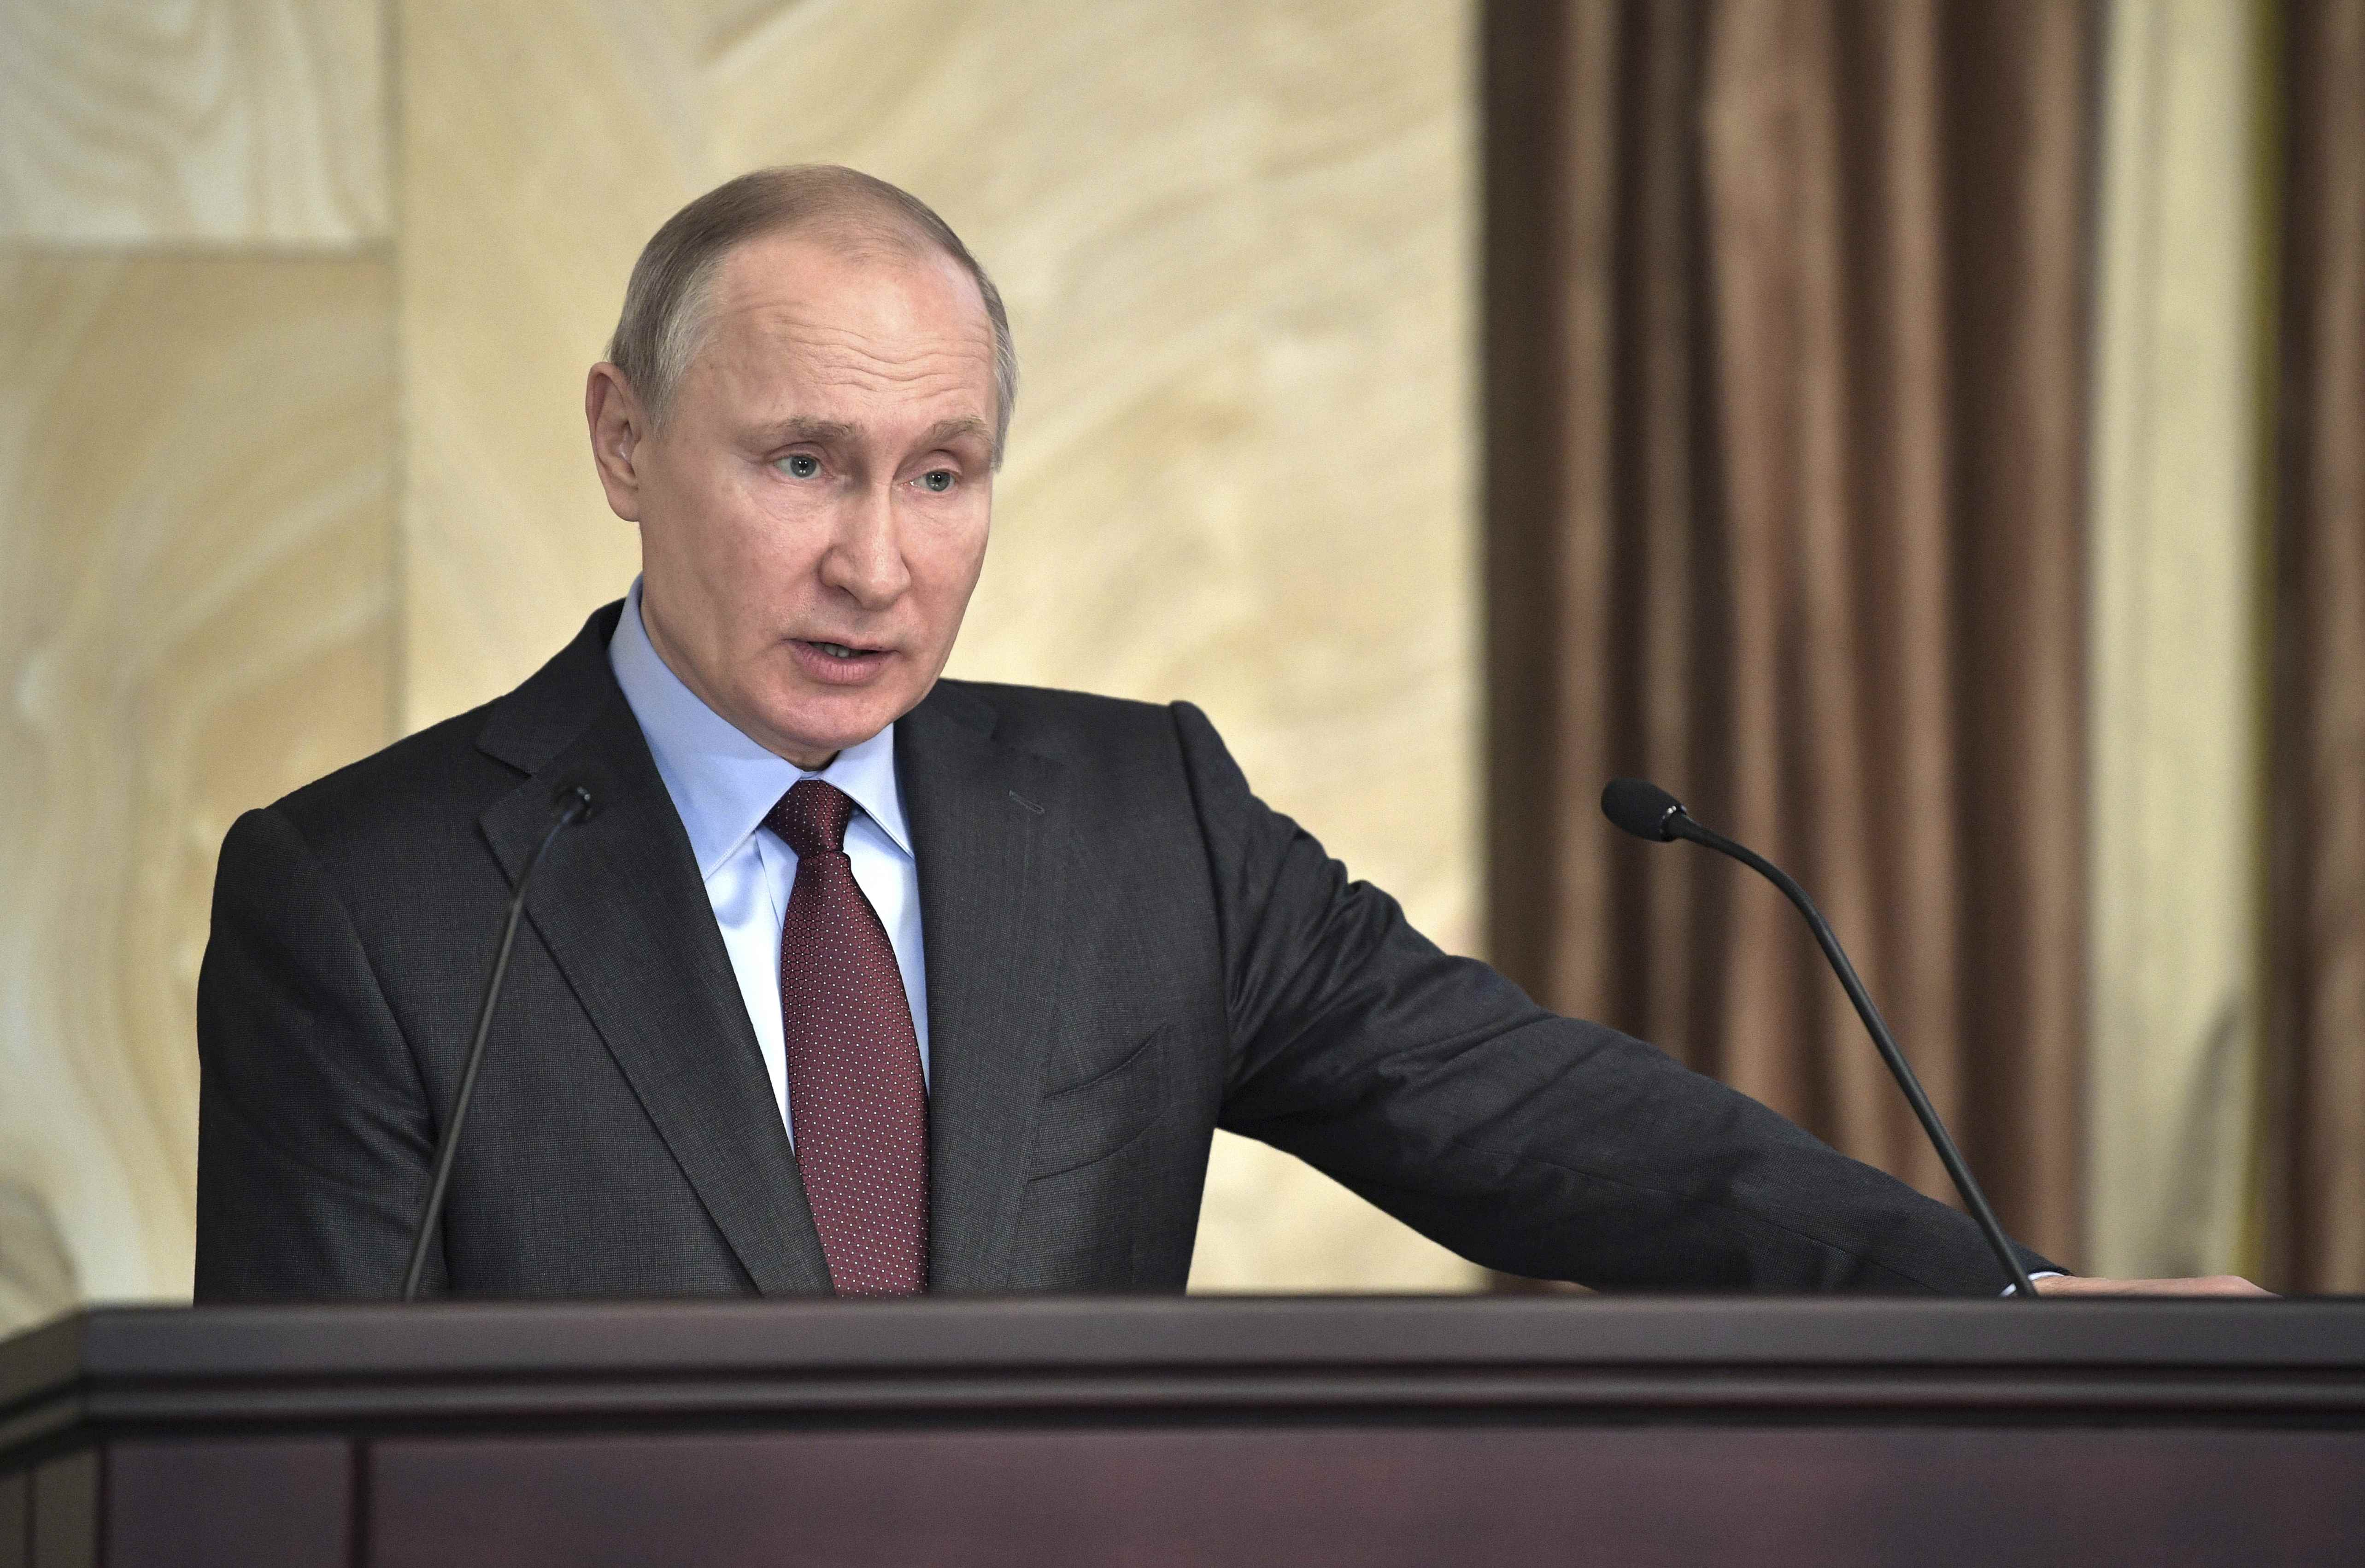 Ни один нормальный человек не хочет войны, а Владимир Путин уже развязал несколько локальных войн, отметил эксперт